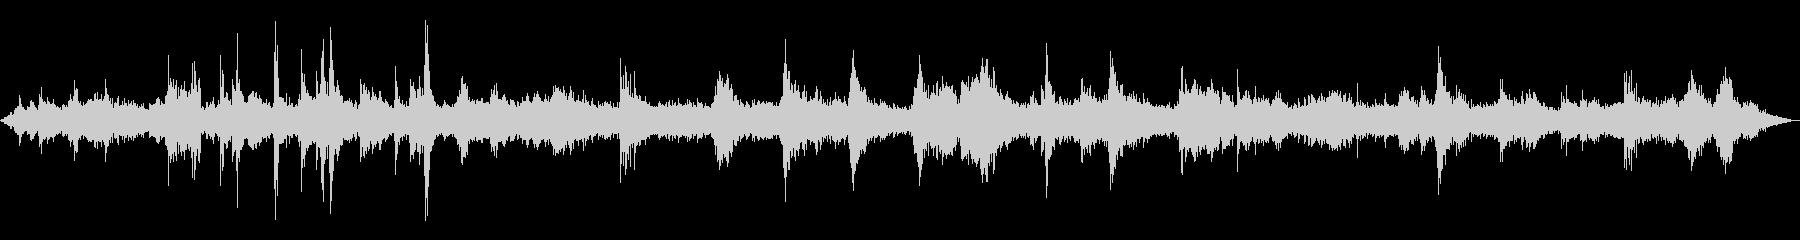 お店周りの音(ザワザワ)の未再生の波形